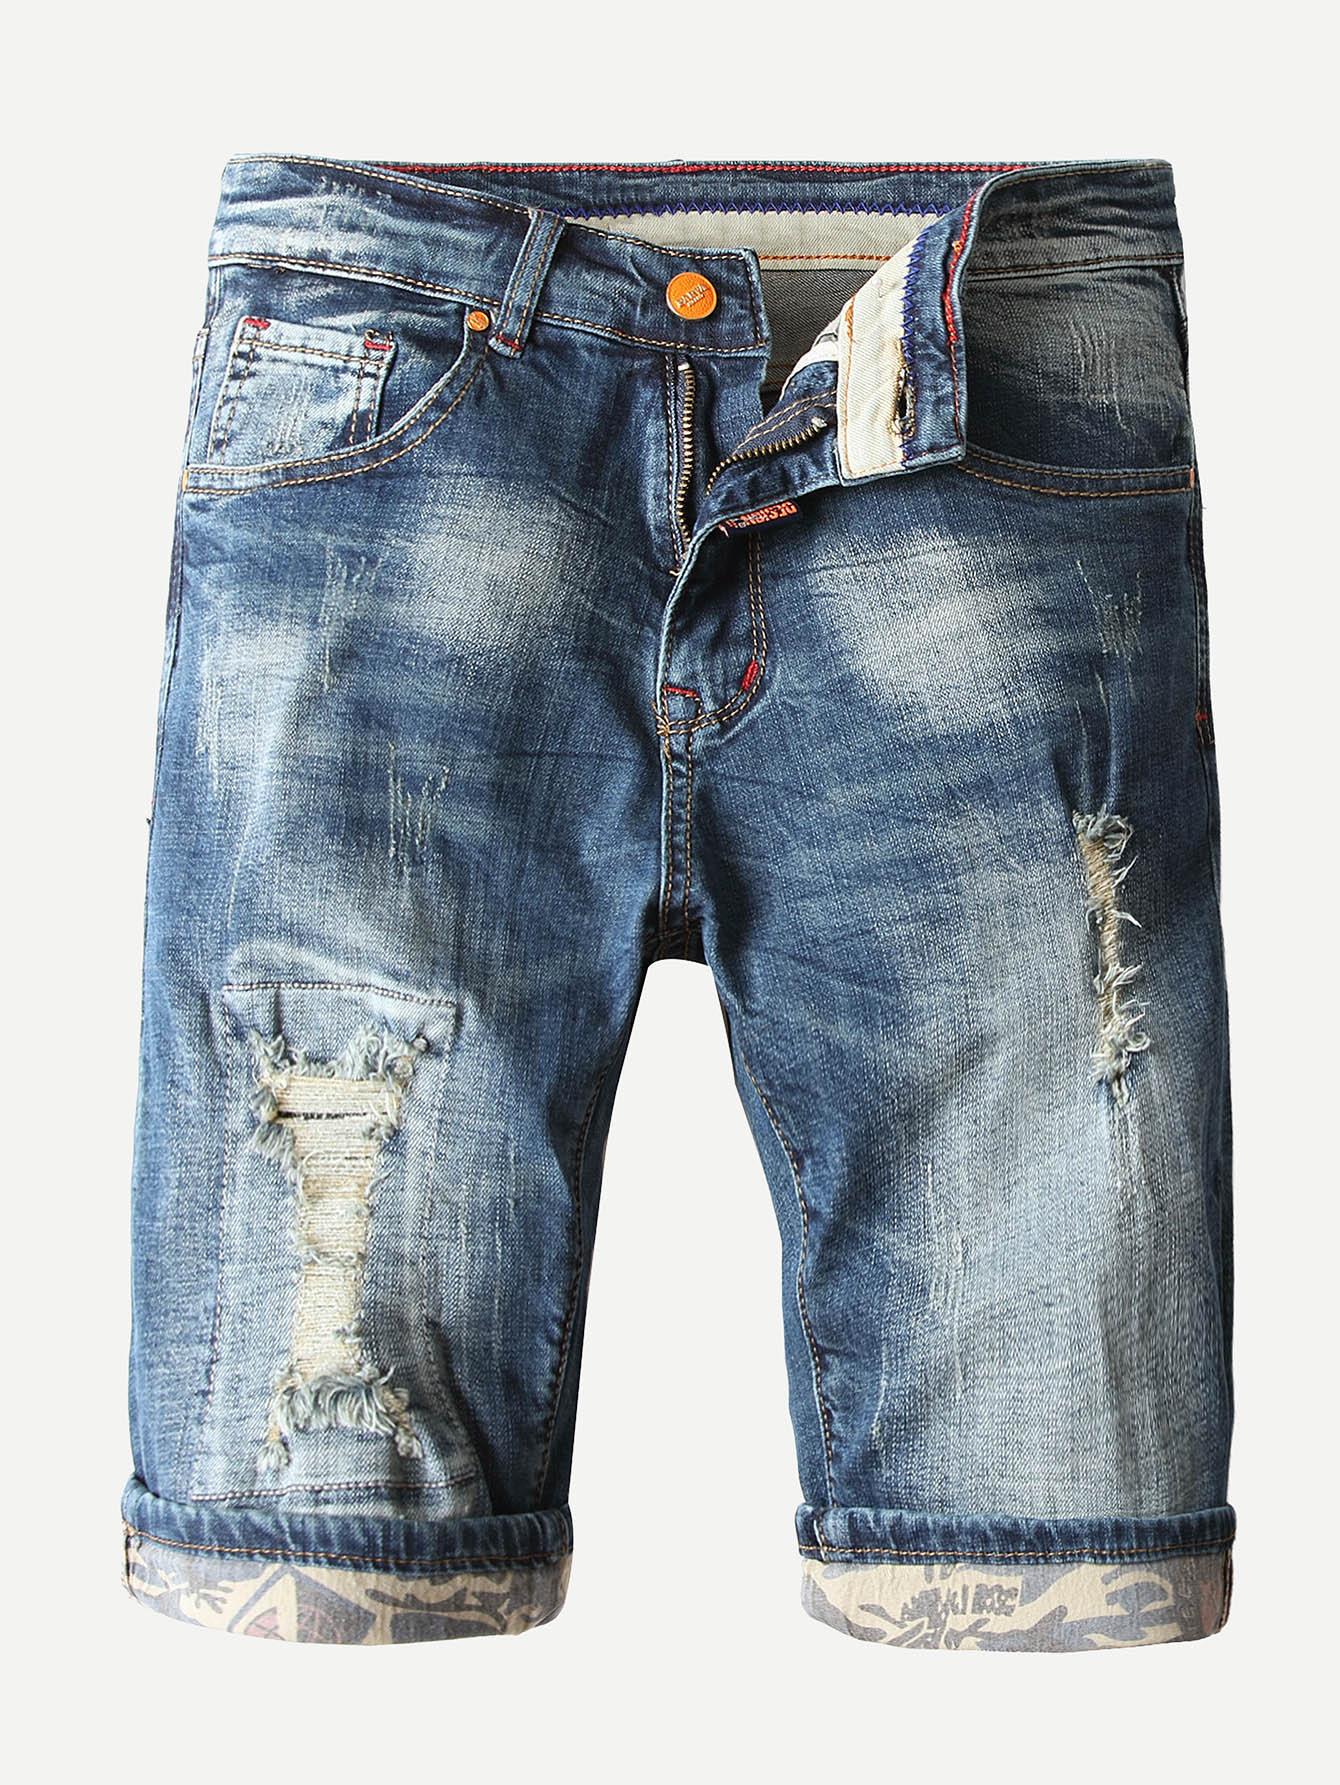 Купить Рваные джинсовые шорты и рольный подол для мужчины, null, SheIn